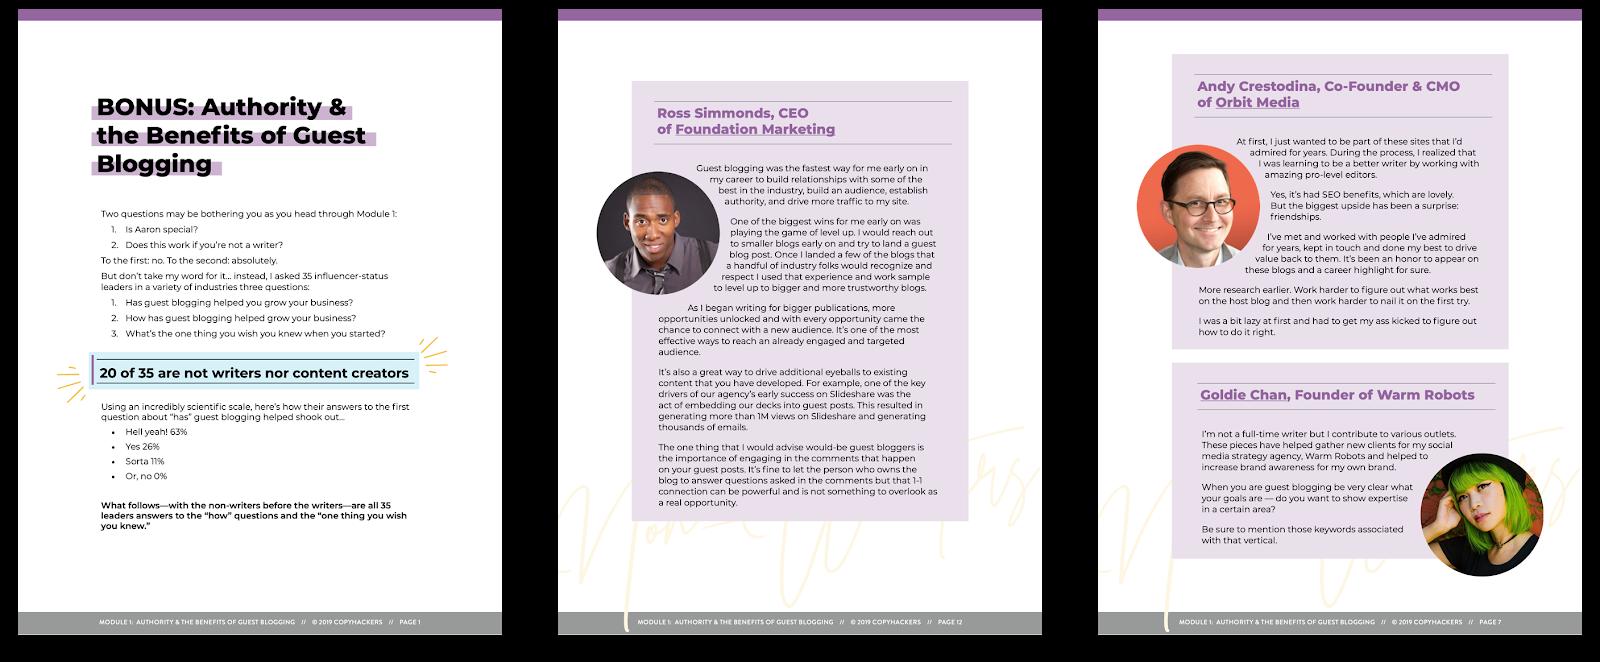 Bonus: autorità e vantaggi del PDF del blog degli ospiti